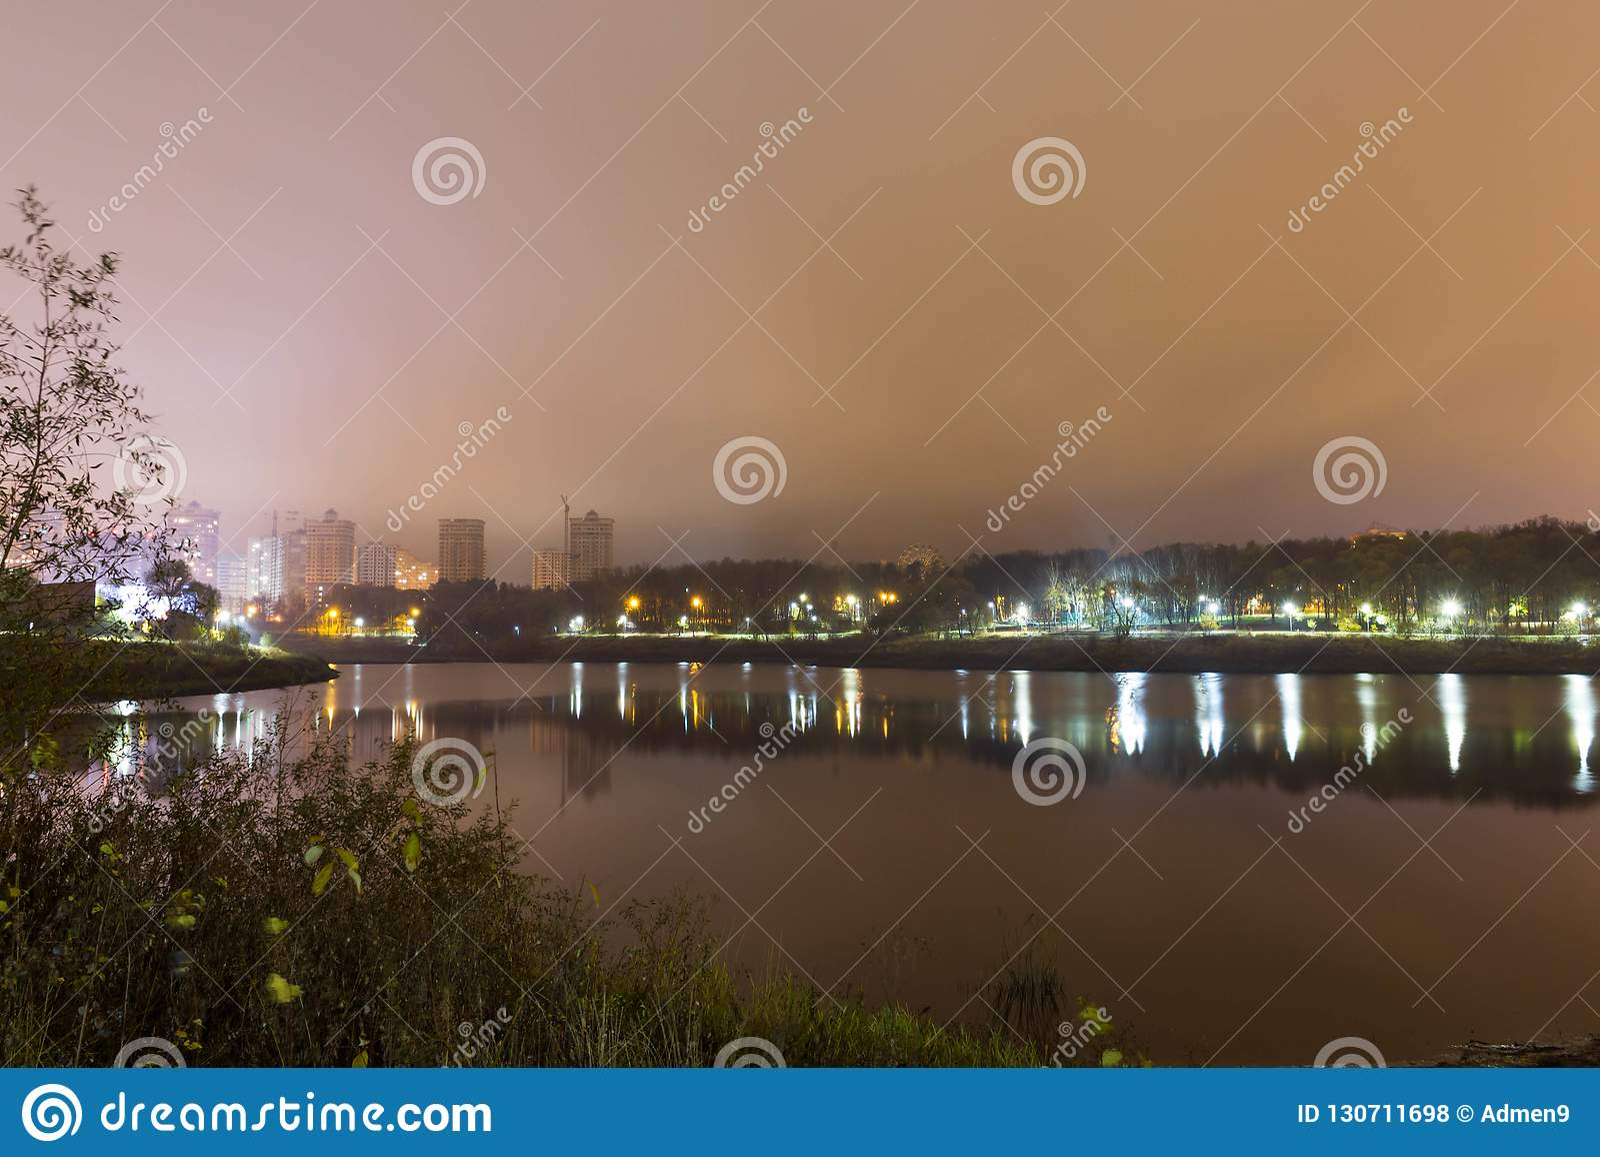 Reflexión de la ciudad con las luces de la noche en el lago